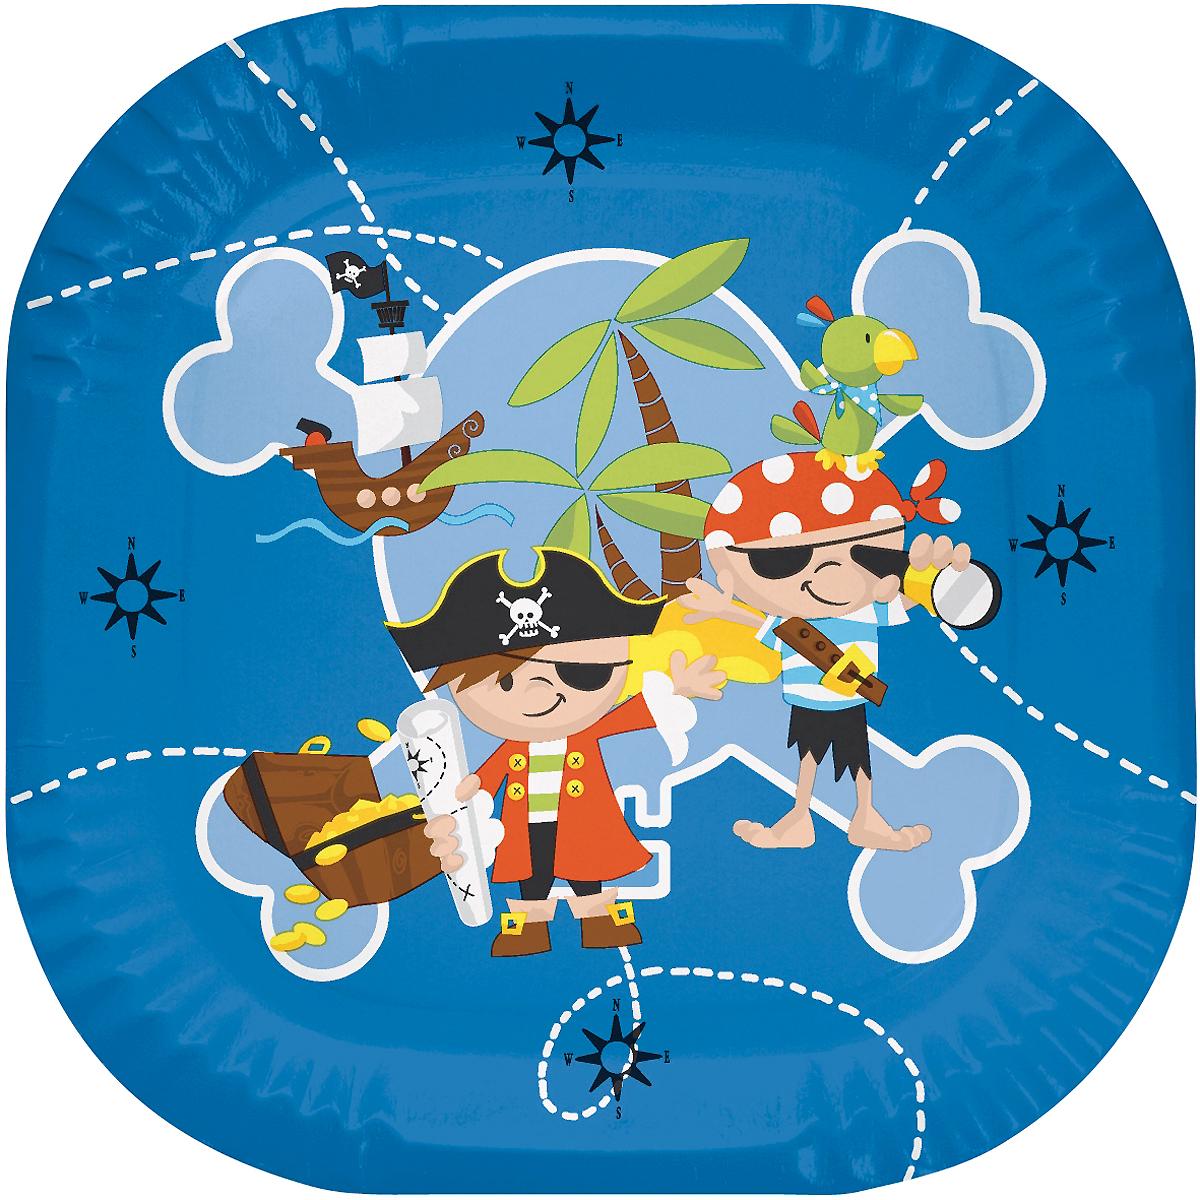 Набор одноразовых тарелок Duni Капитан Джек, 22 х 22 см, 10 шт167968Одноразовые тарелки Duni прекрасно подойдут для любого мероприятия, например для детских праздников, семейный пикников. Тарелки изготовлены из ламинированной плотной бумаги. Предназначены для подачи холодных и теплых блюд. Не промокают, прекрасно держат свою первоначальную форму в течение нескольких часов.